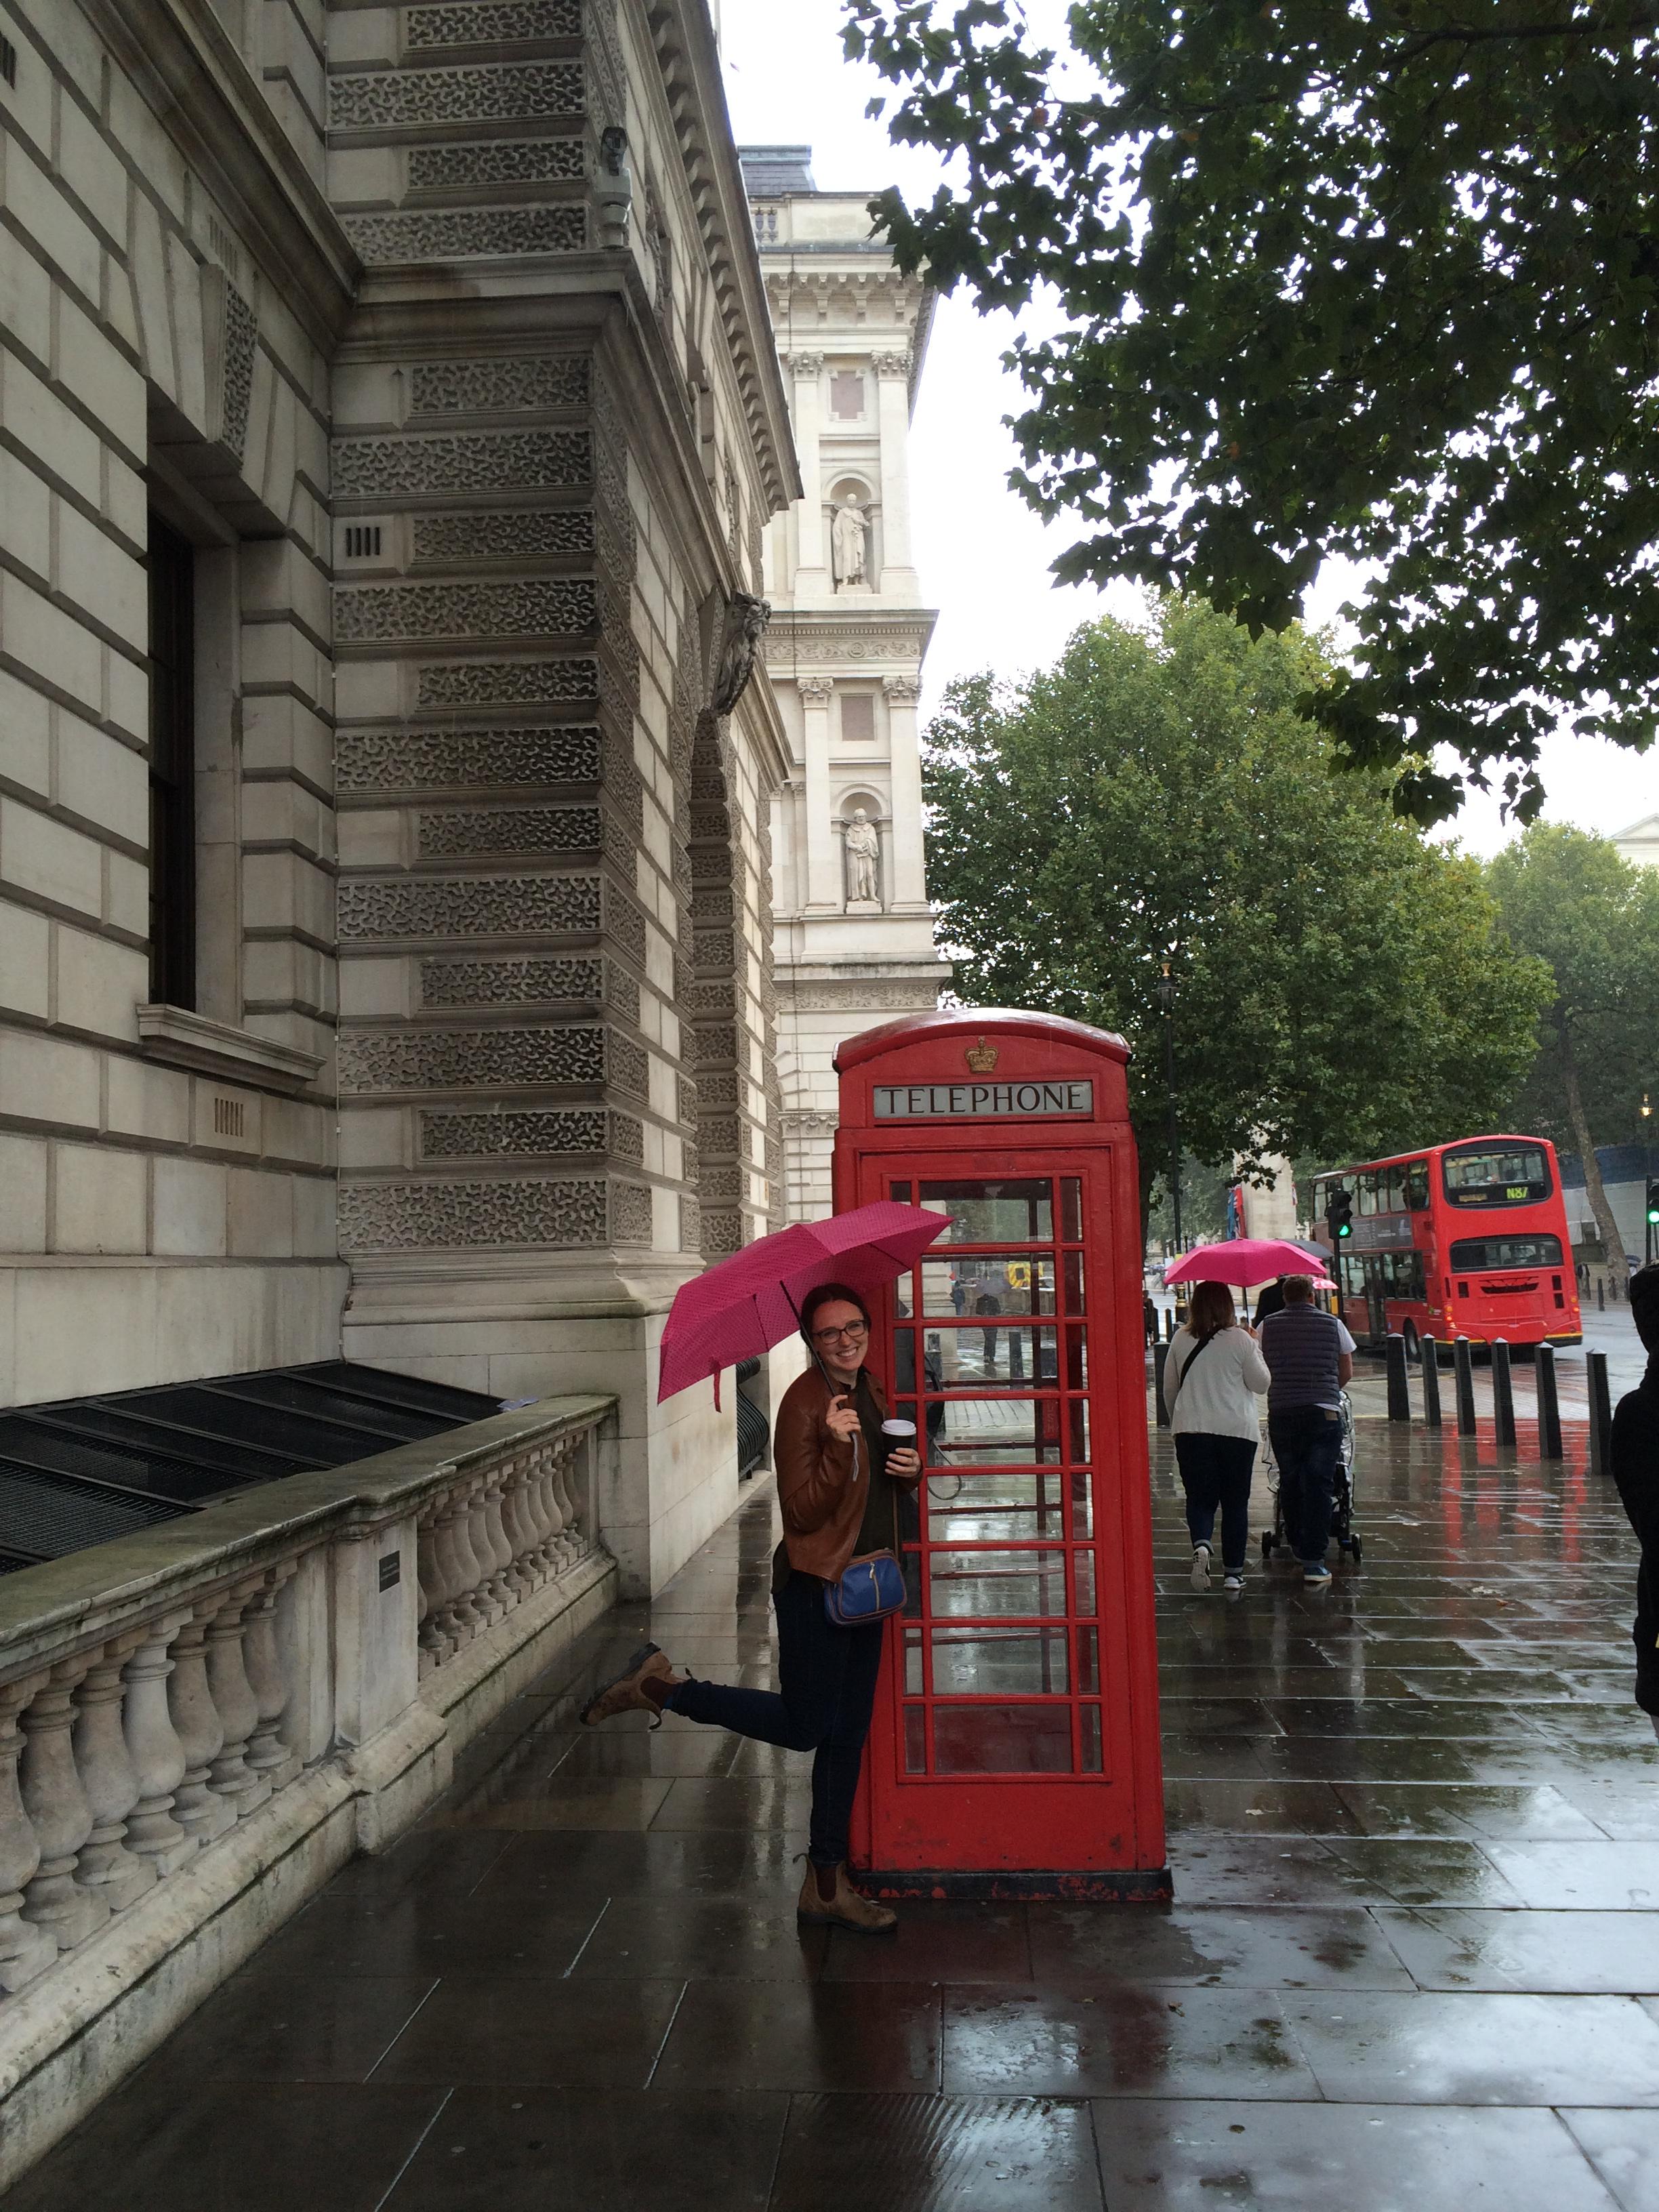 Touristy tourist